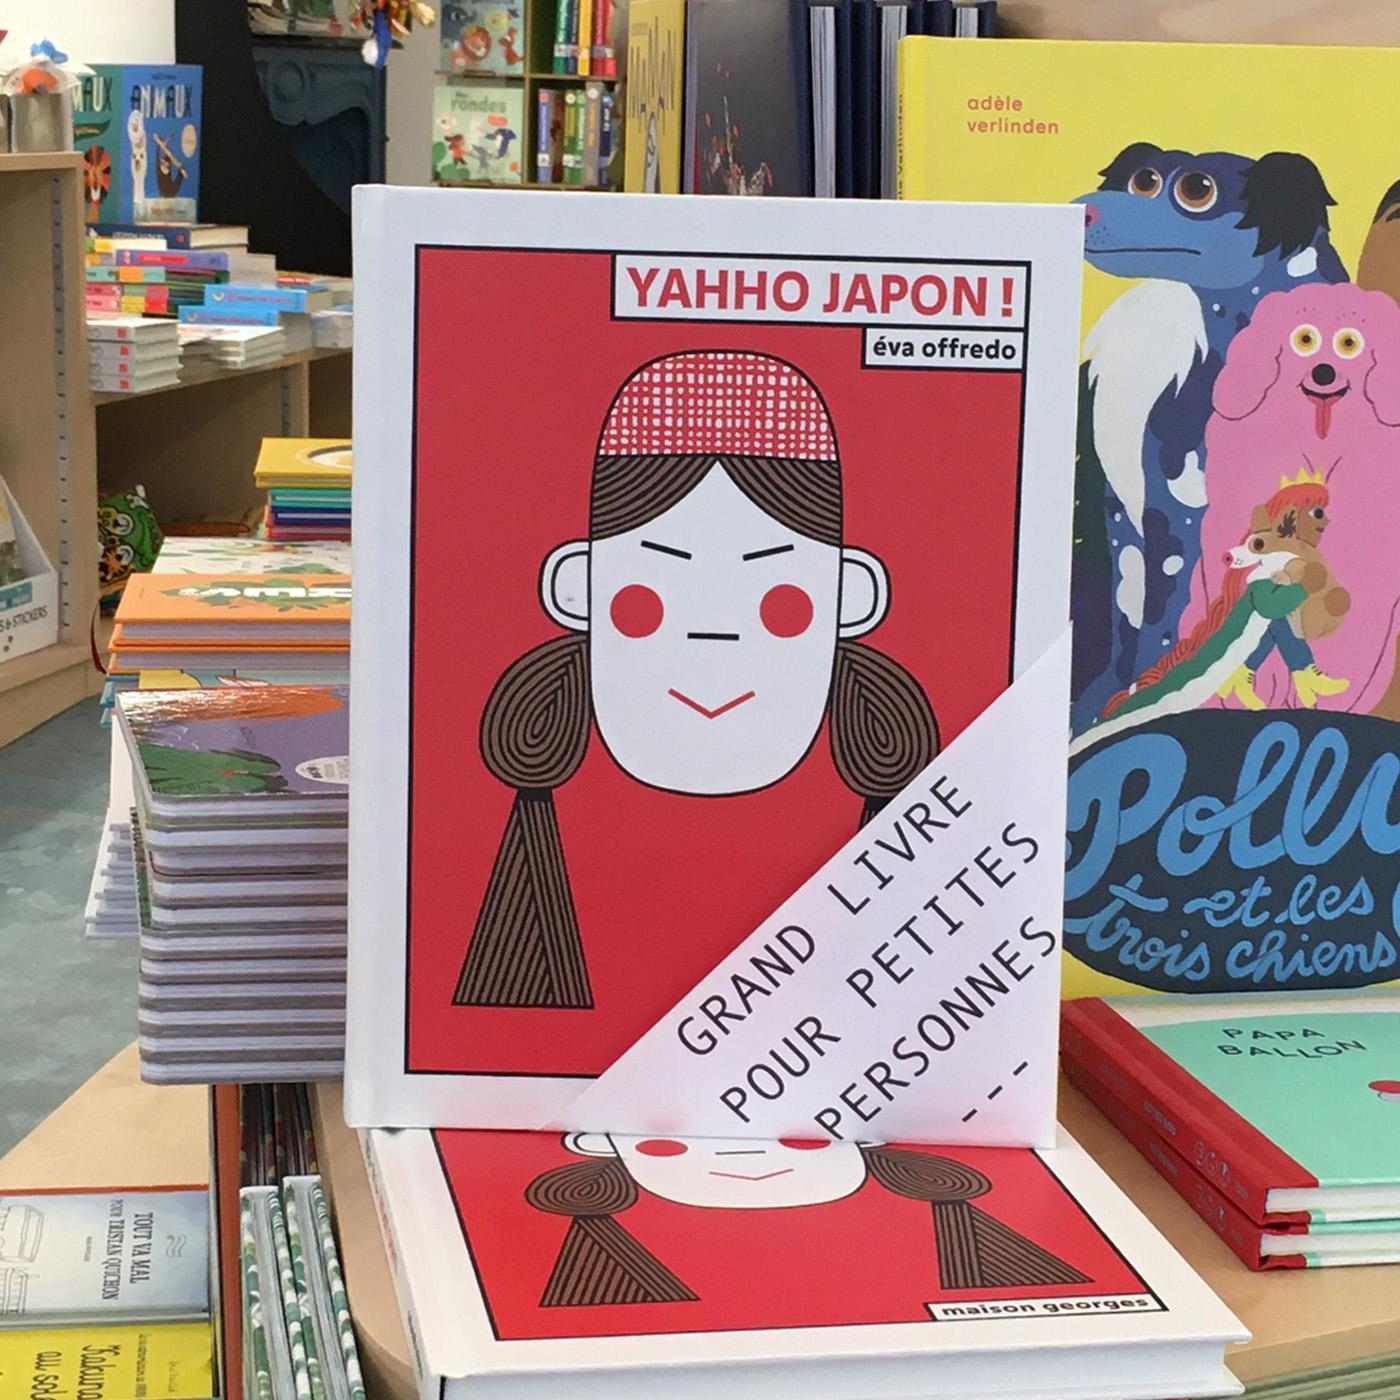 Grands livres pour petites personnes #33 - Yahho Japon !